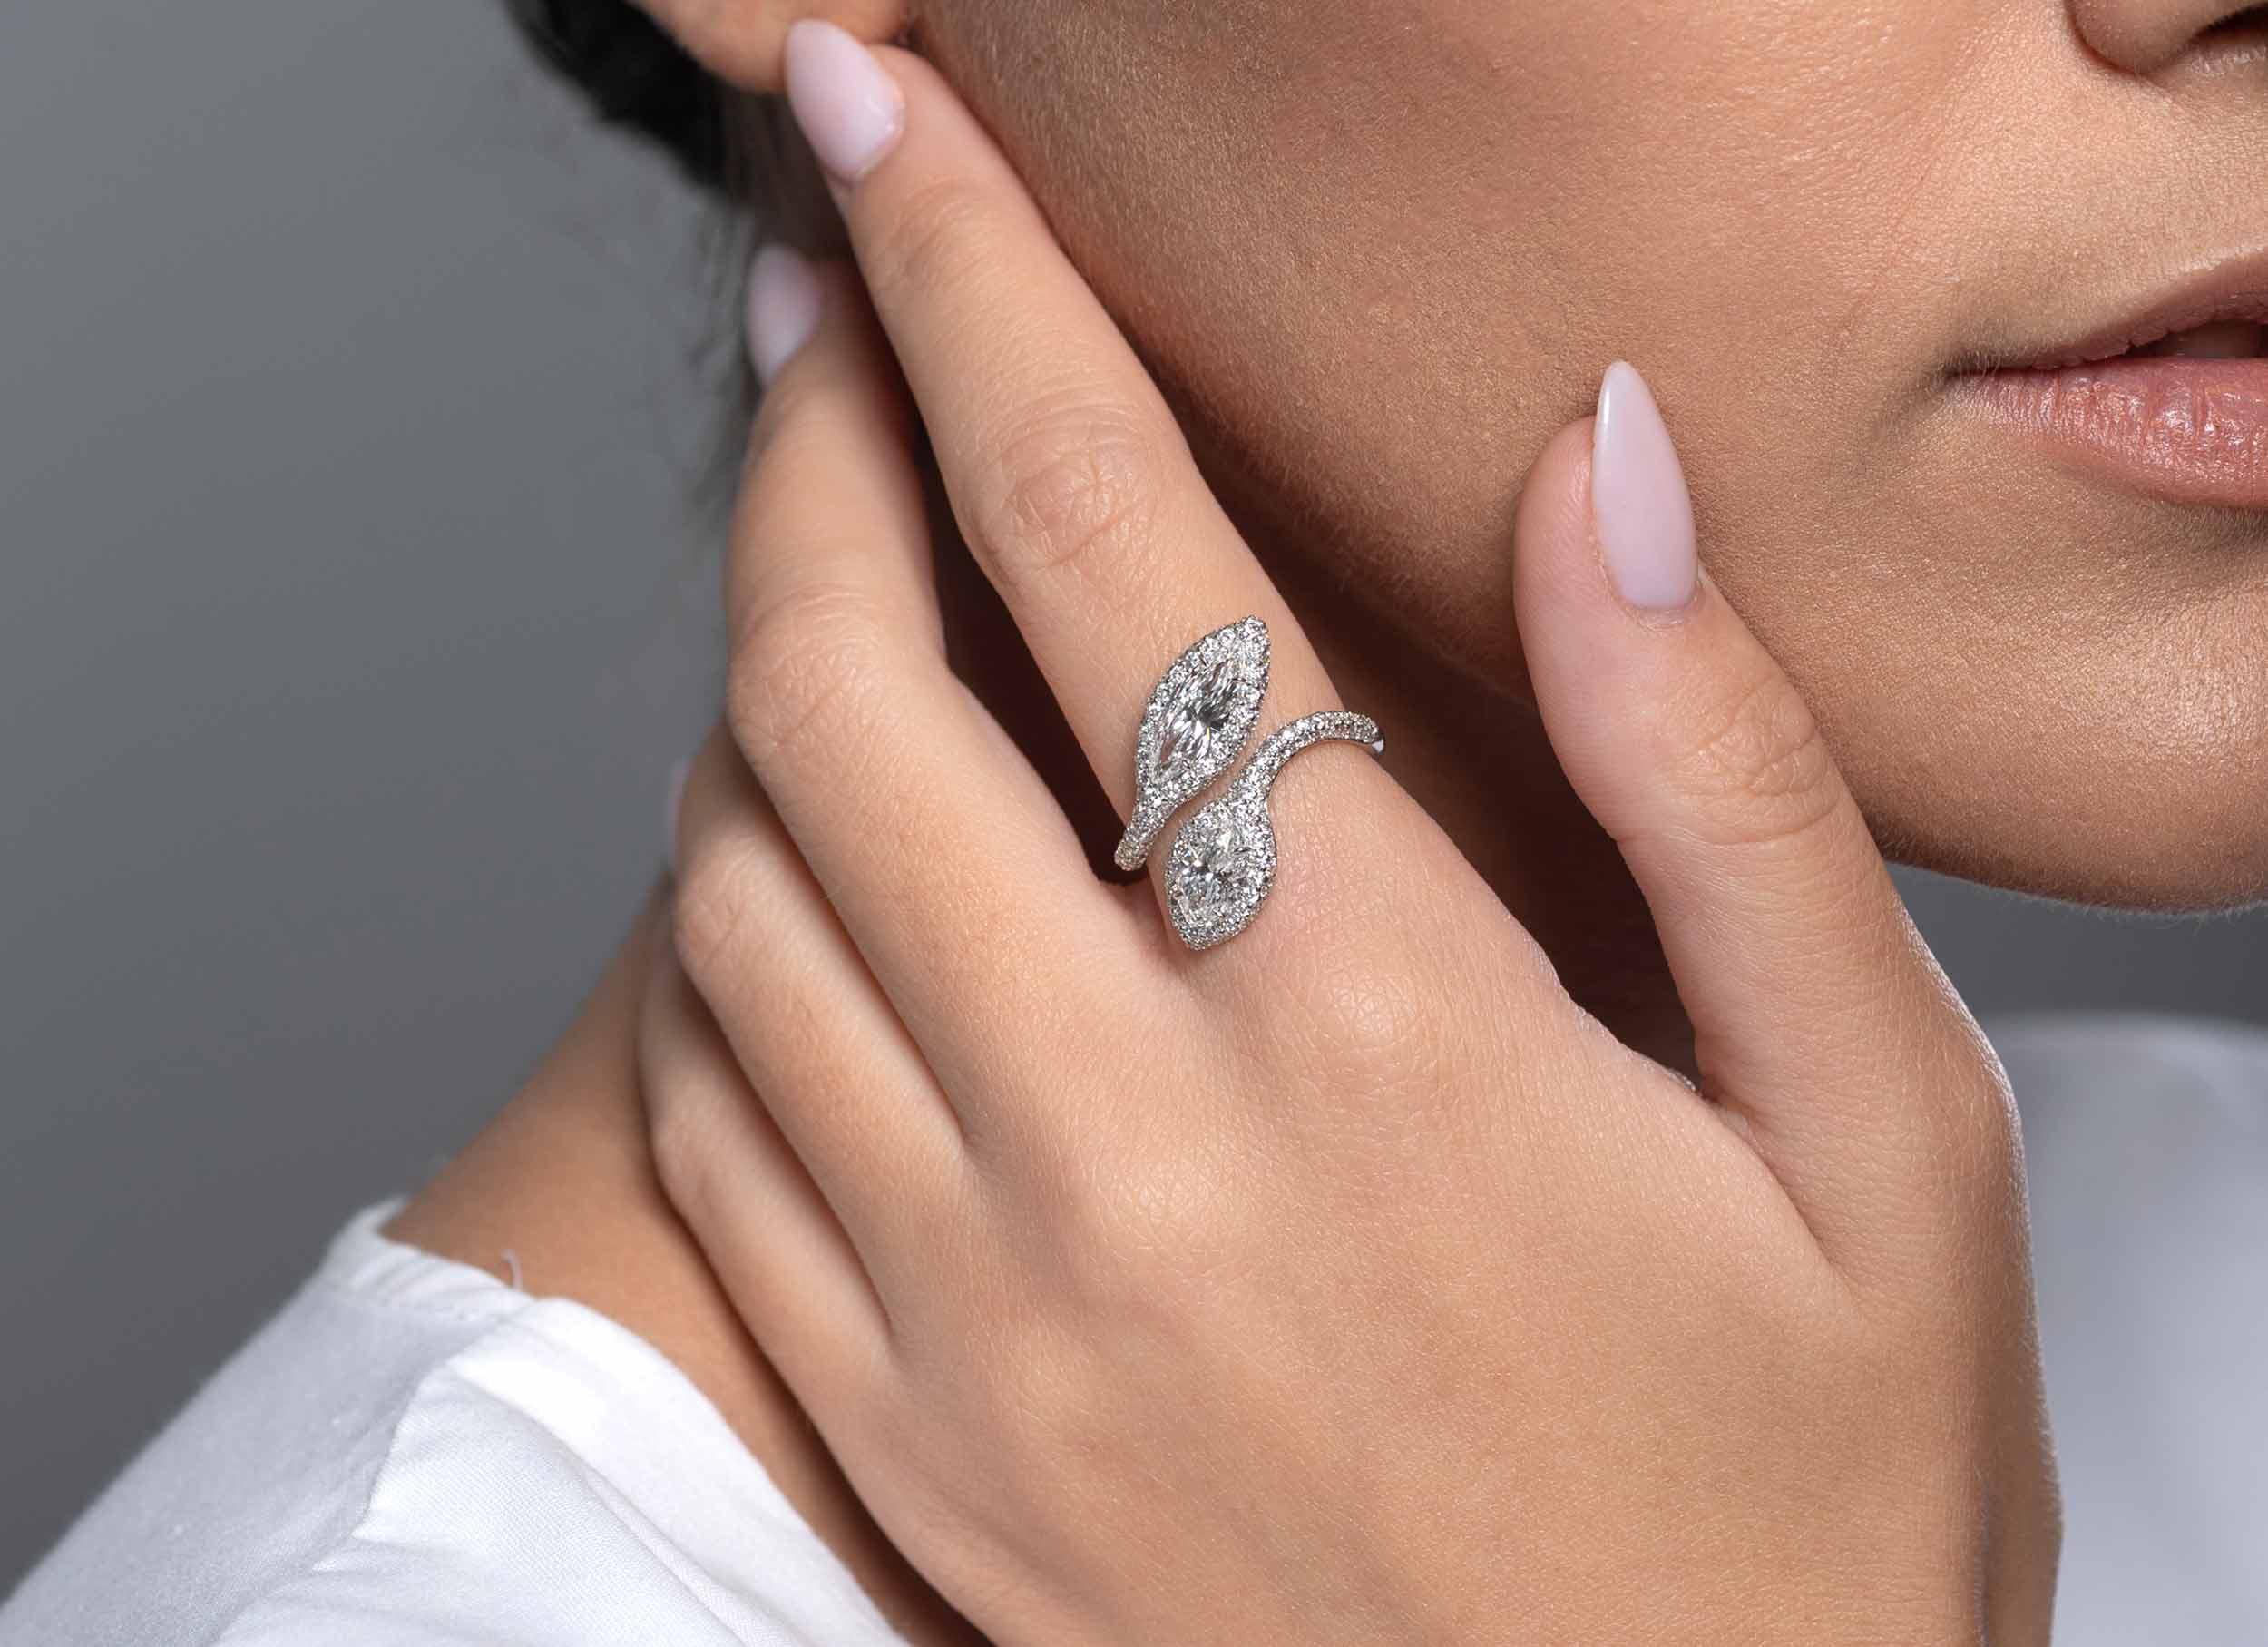 Μονόπετρο Δαχτυλίδι Κ18 Λευκόχρυσο Με Marquise Διαμάντια